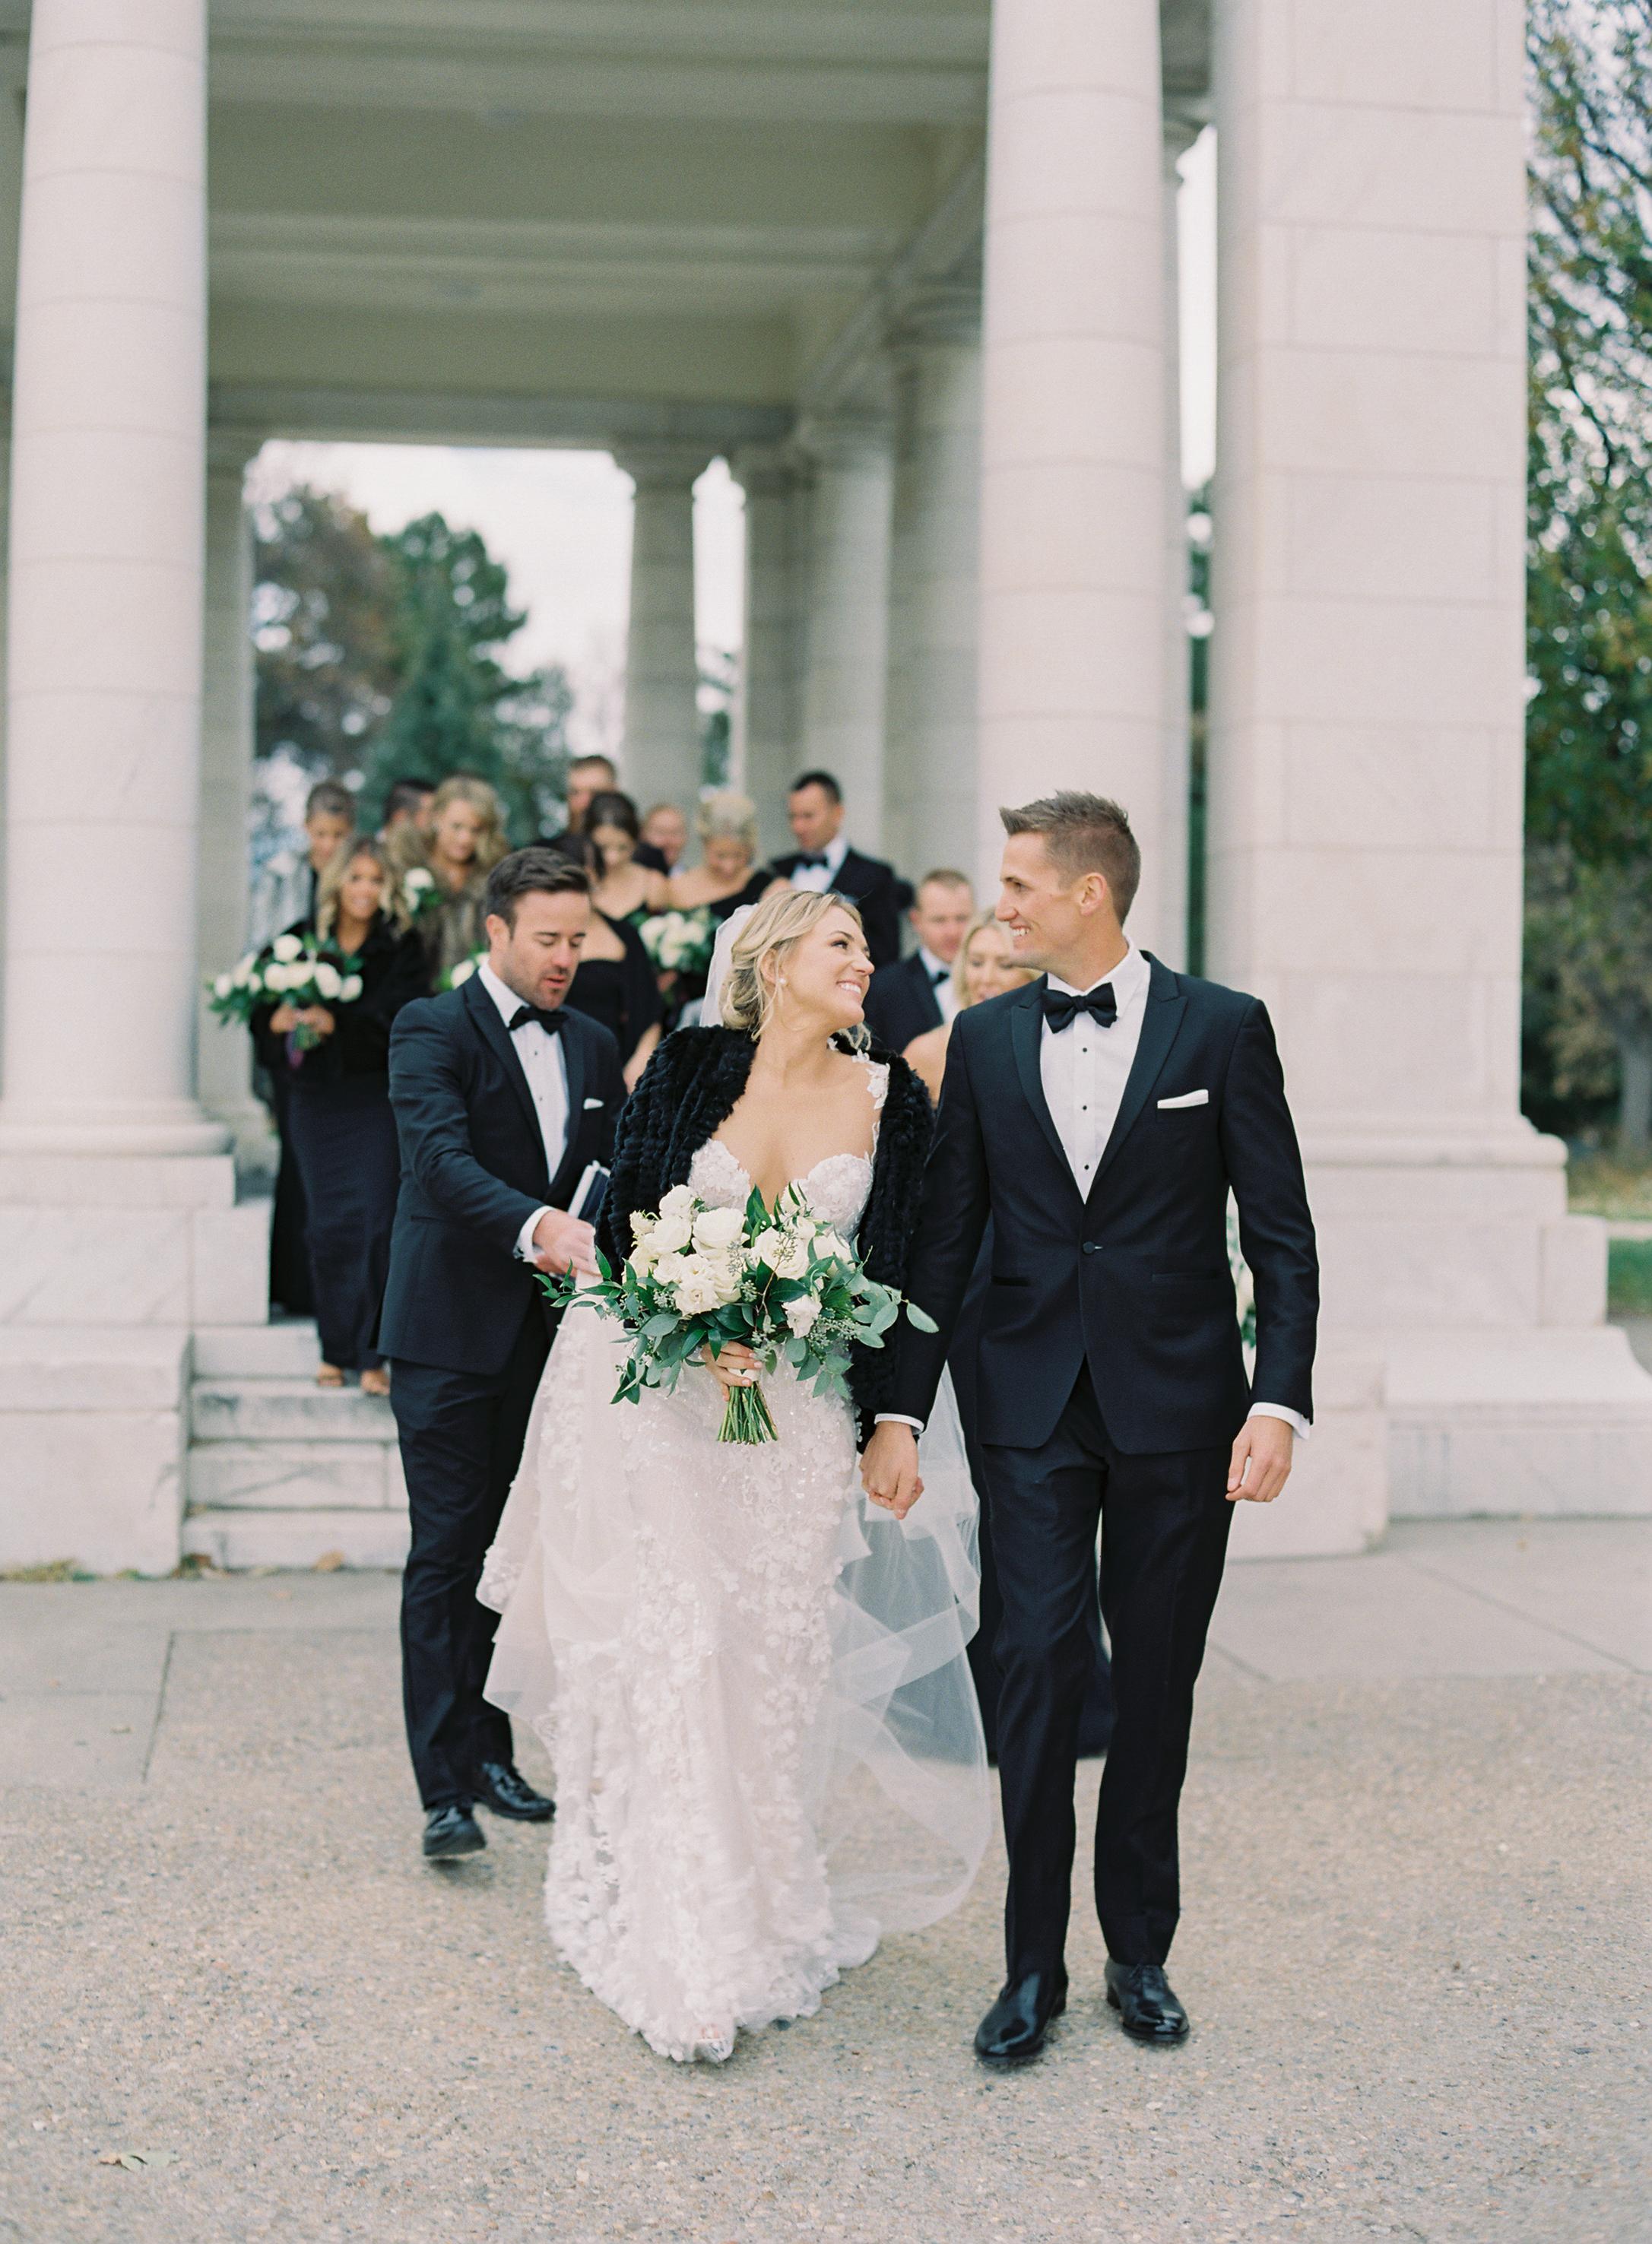 Sarah and John Wedding-Carrie King Photographer-25.jpg